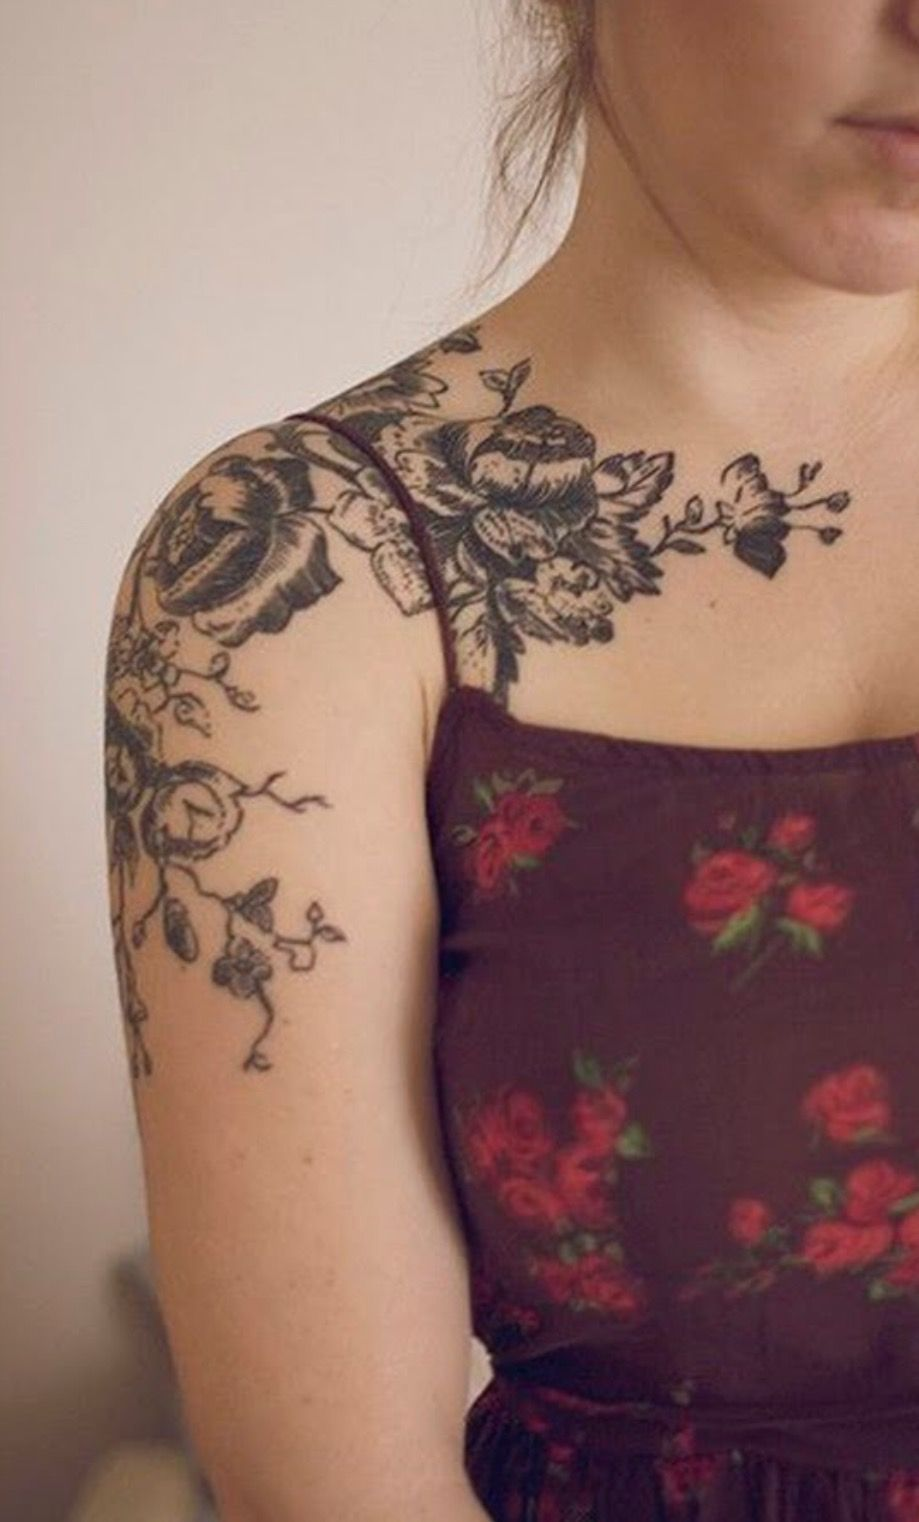 Pingl par kellsie sur tattoos pinterest - Tatouage clavicule femme ...